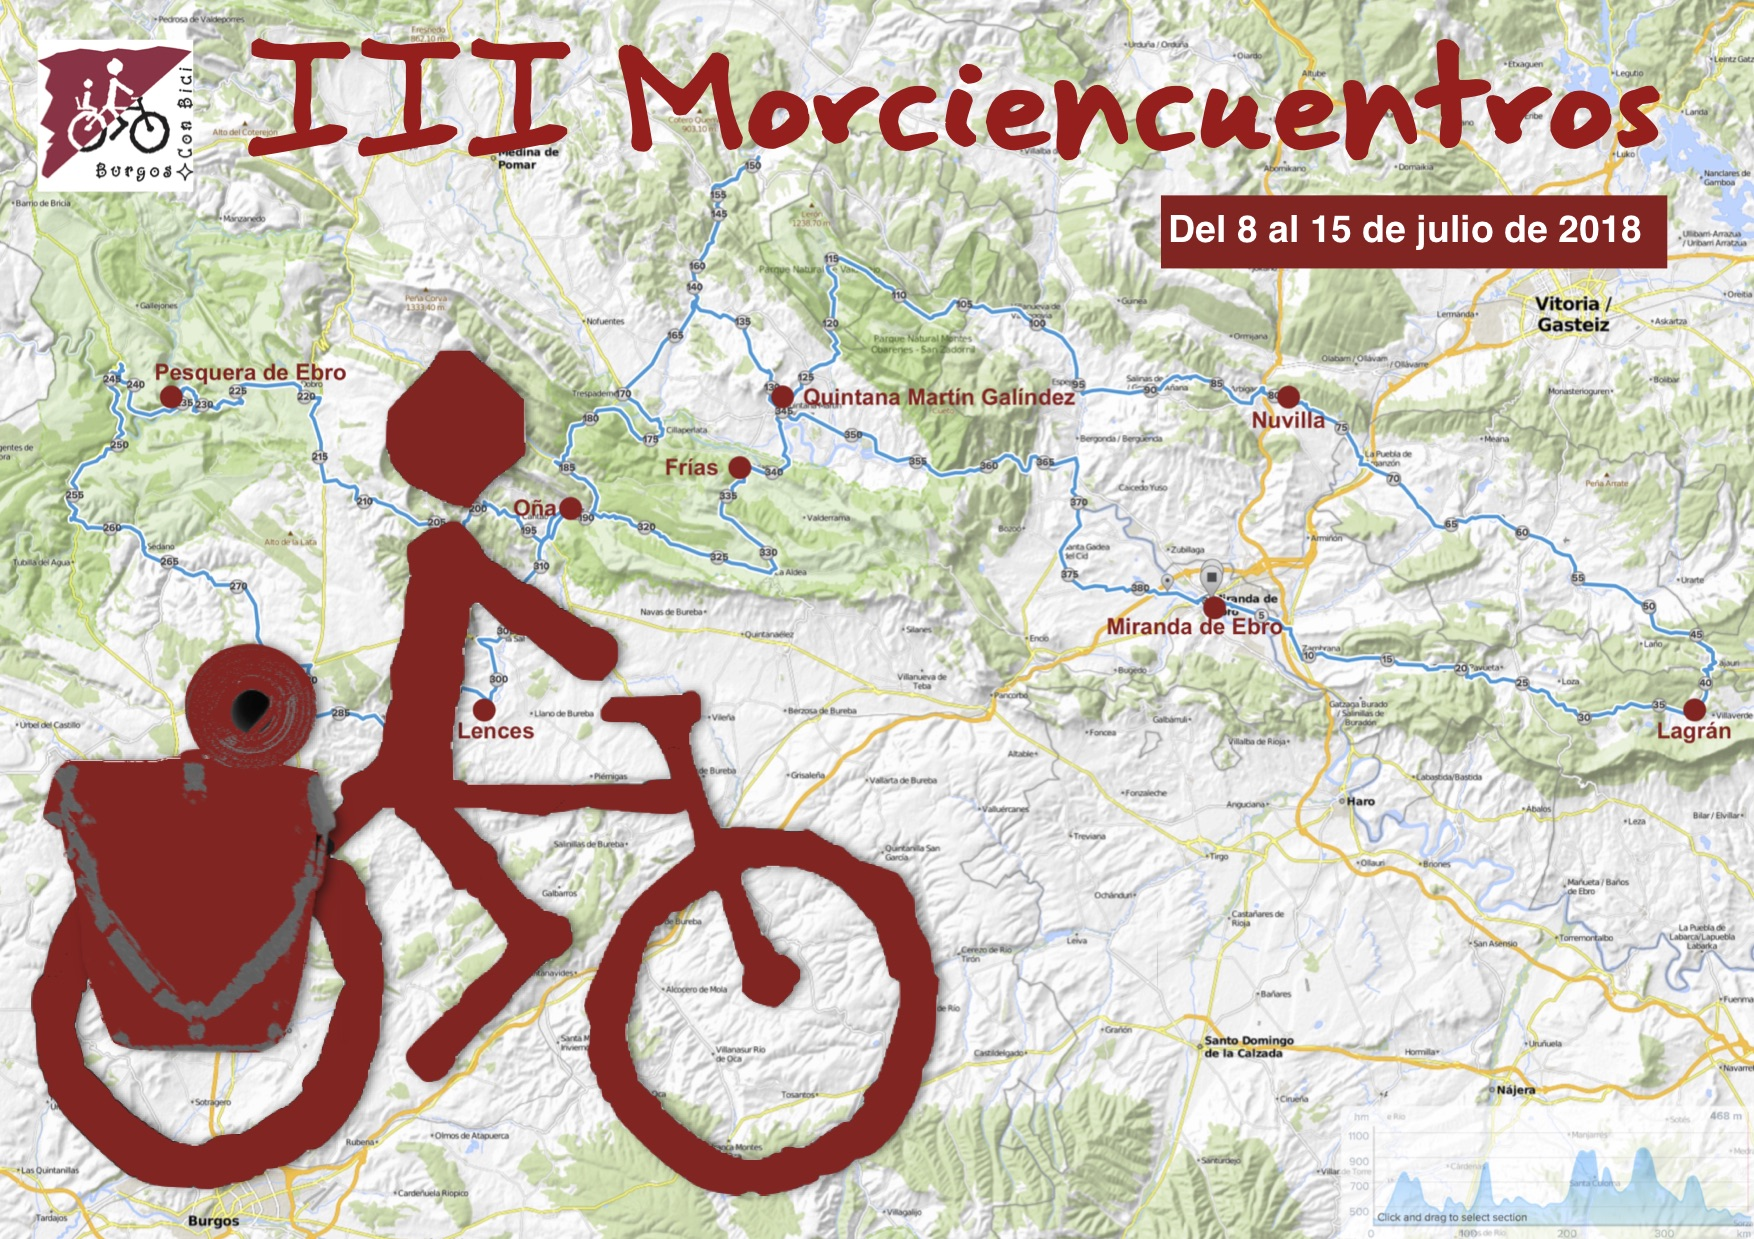 Bicicleta con alforjas y ruta de los III morciencuentros en mapa por el norte de la provincia de Burgos